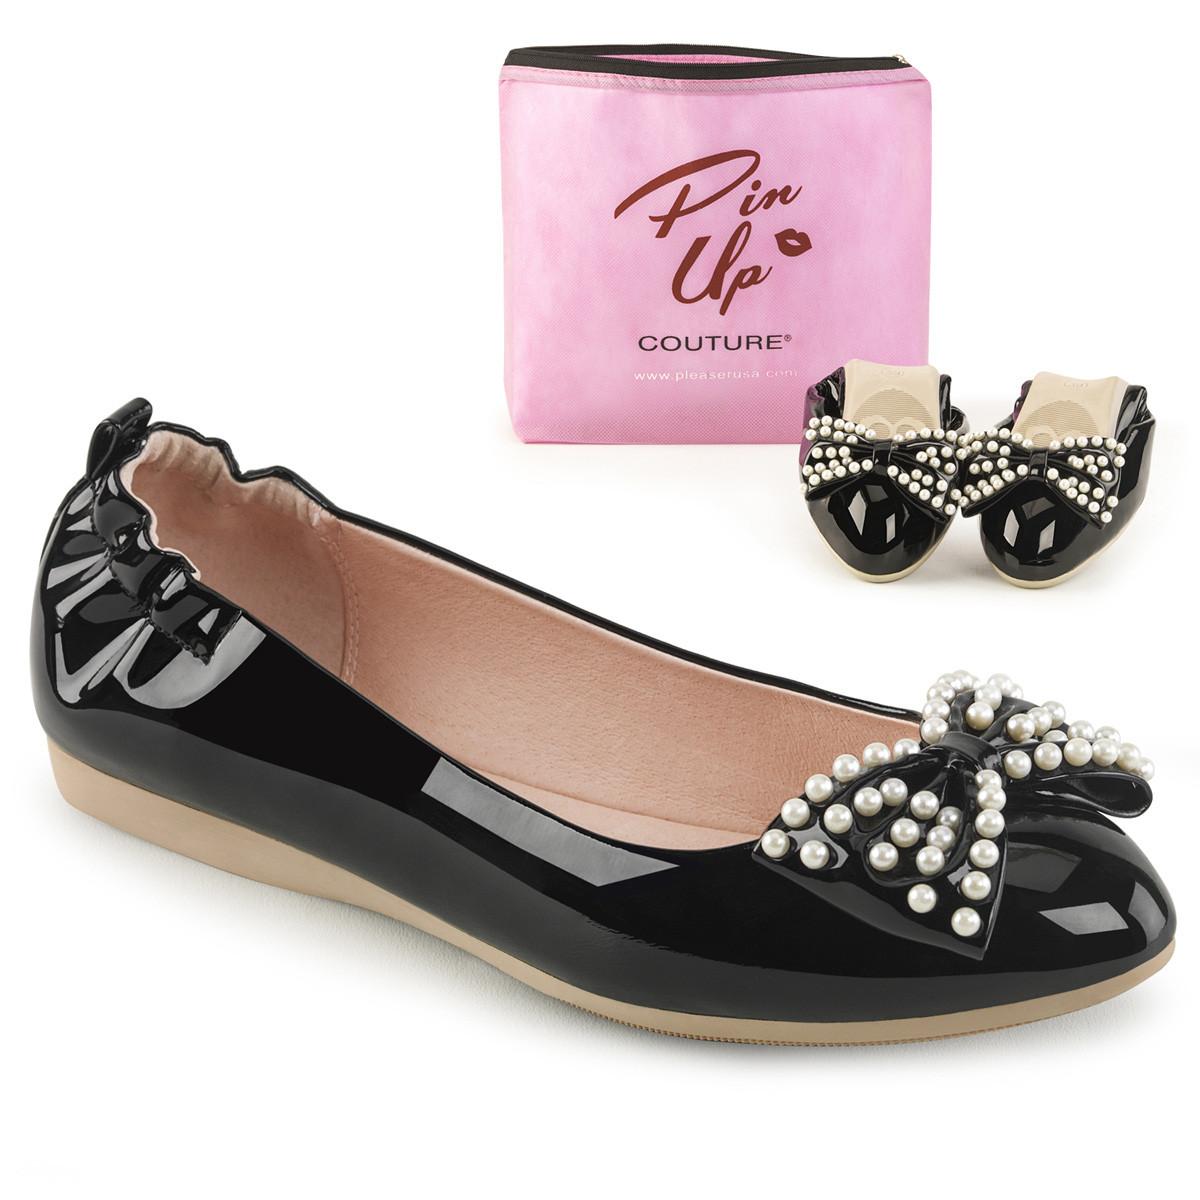 Ballerinas - IVY 09 ° Damen Ballerina ° Schwarz ° Lack ° Pin Up Couture  - Onlineshop RedSixty